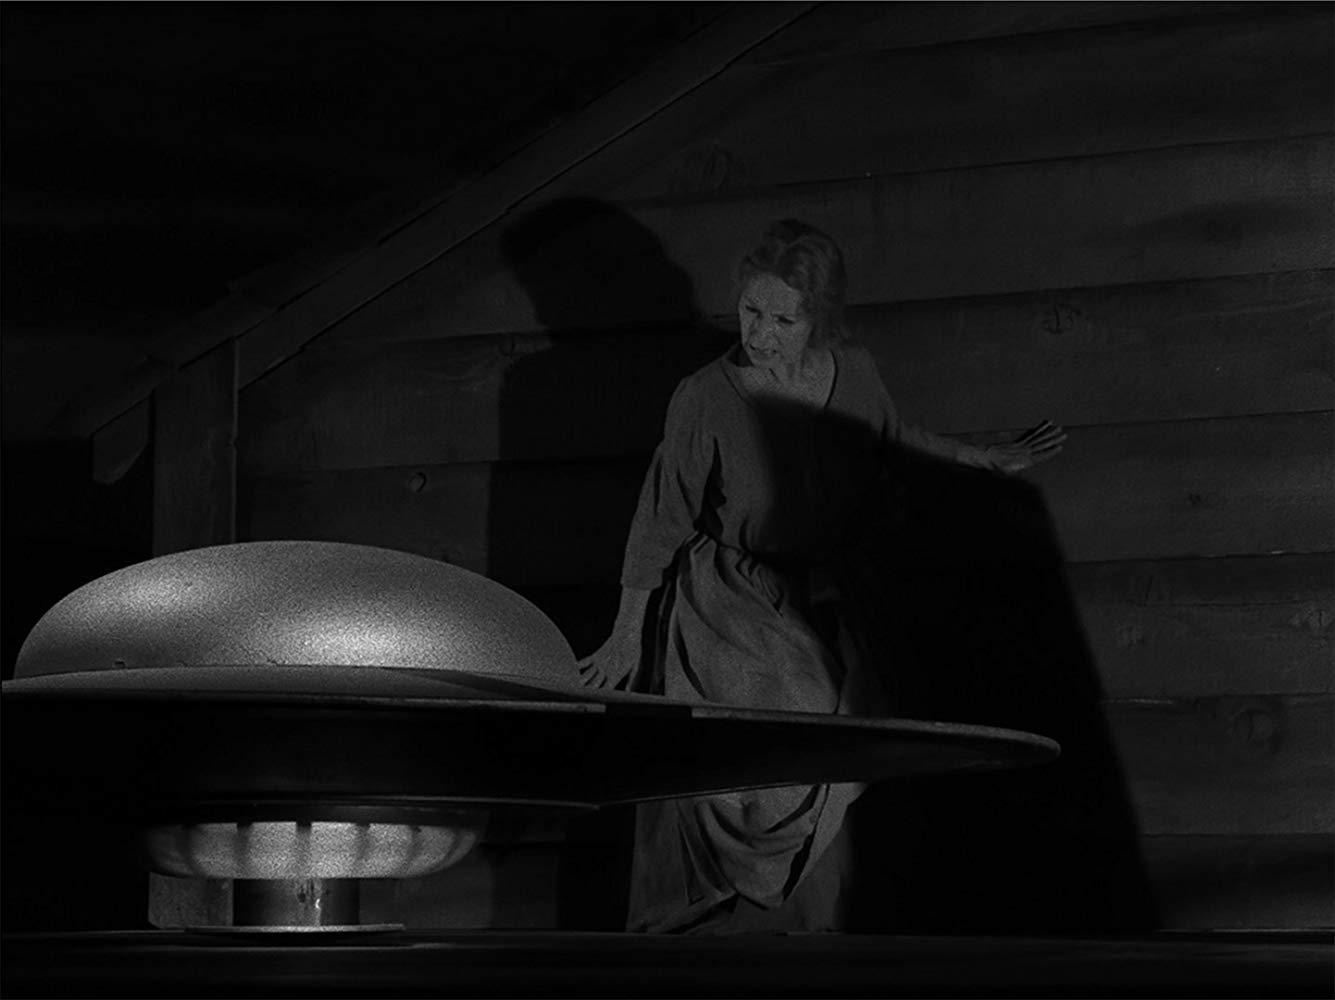 MV5BYTJhOWJlNzctYmIzMi00NTNhLThiOTEtZjgxMzNlMmMzOGVmXkEyXkFqcGdeQXVyNjg5NDk4NDI@. V1 SY1000 CR0013351000 AL  The Twilight Zone in 10 Episodes: Rod Serlings Greatest Hits